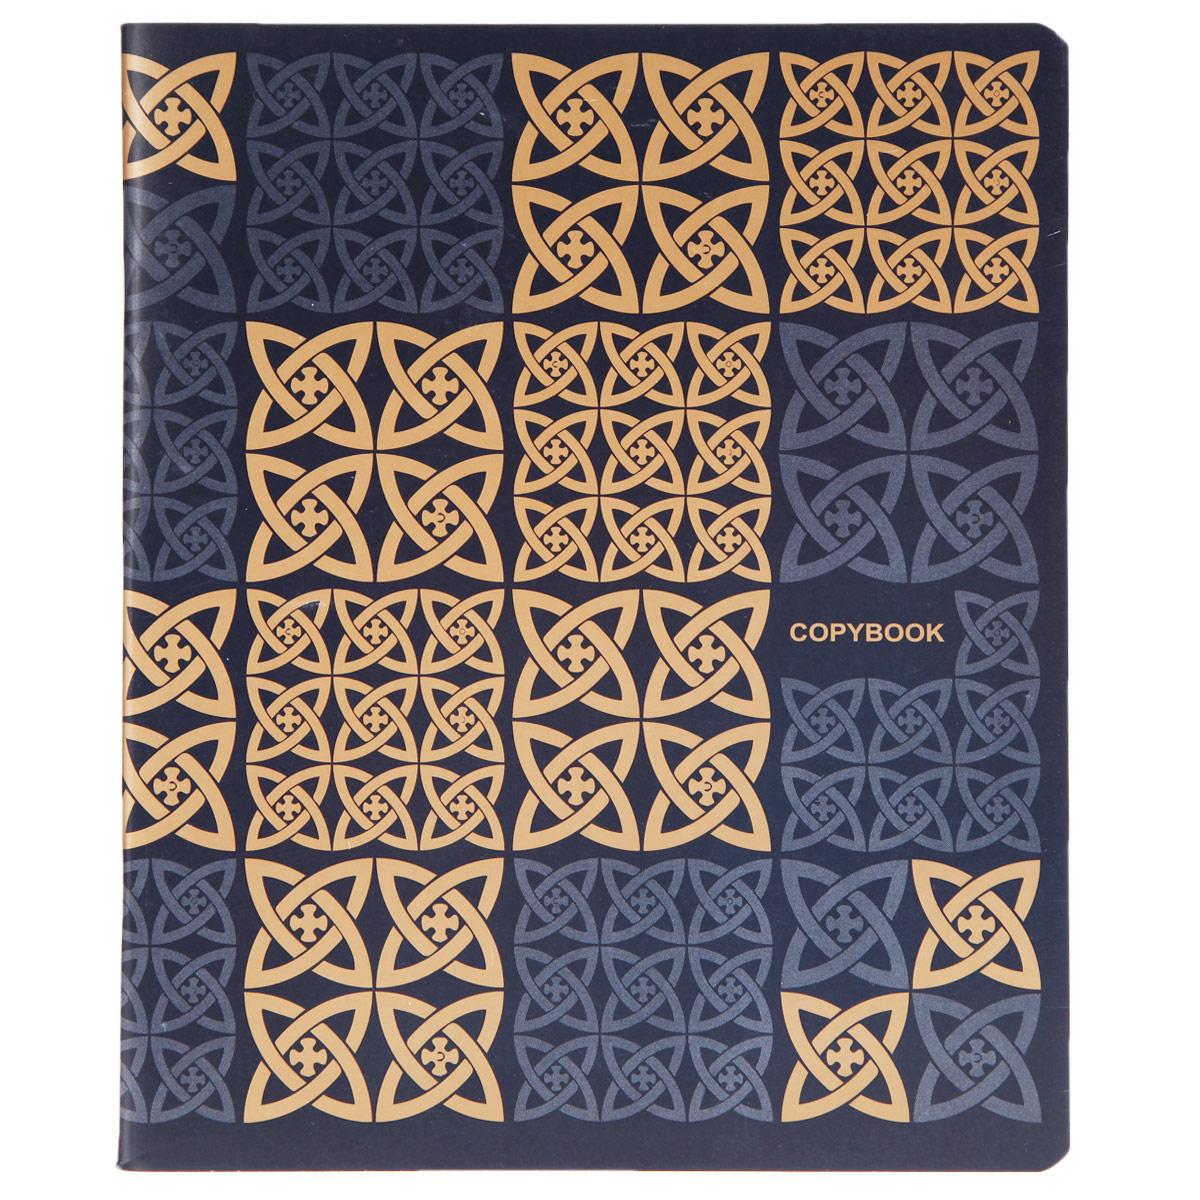 Тетрадь Арабский узор, 48 листов, формат А5, цвет: синий, бронза, рисунок 137577_1Тетрадь в линейку Арабский узор подойдет как студенту, так и школьнику. Обложка тетради оформлена арабскими узорами золотого и бронзового цветов. Обложка с закругленными углами выполнена из плотной бумаги. Внутренний блок состоит из 48 листов белой бумаги. Стандартная линовка в клетку дополнена полями, совпадающими с лицевой и оборотной стороны листа.